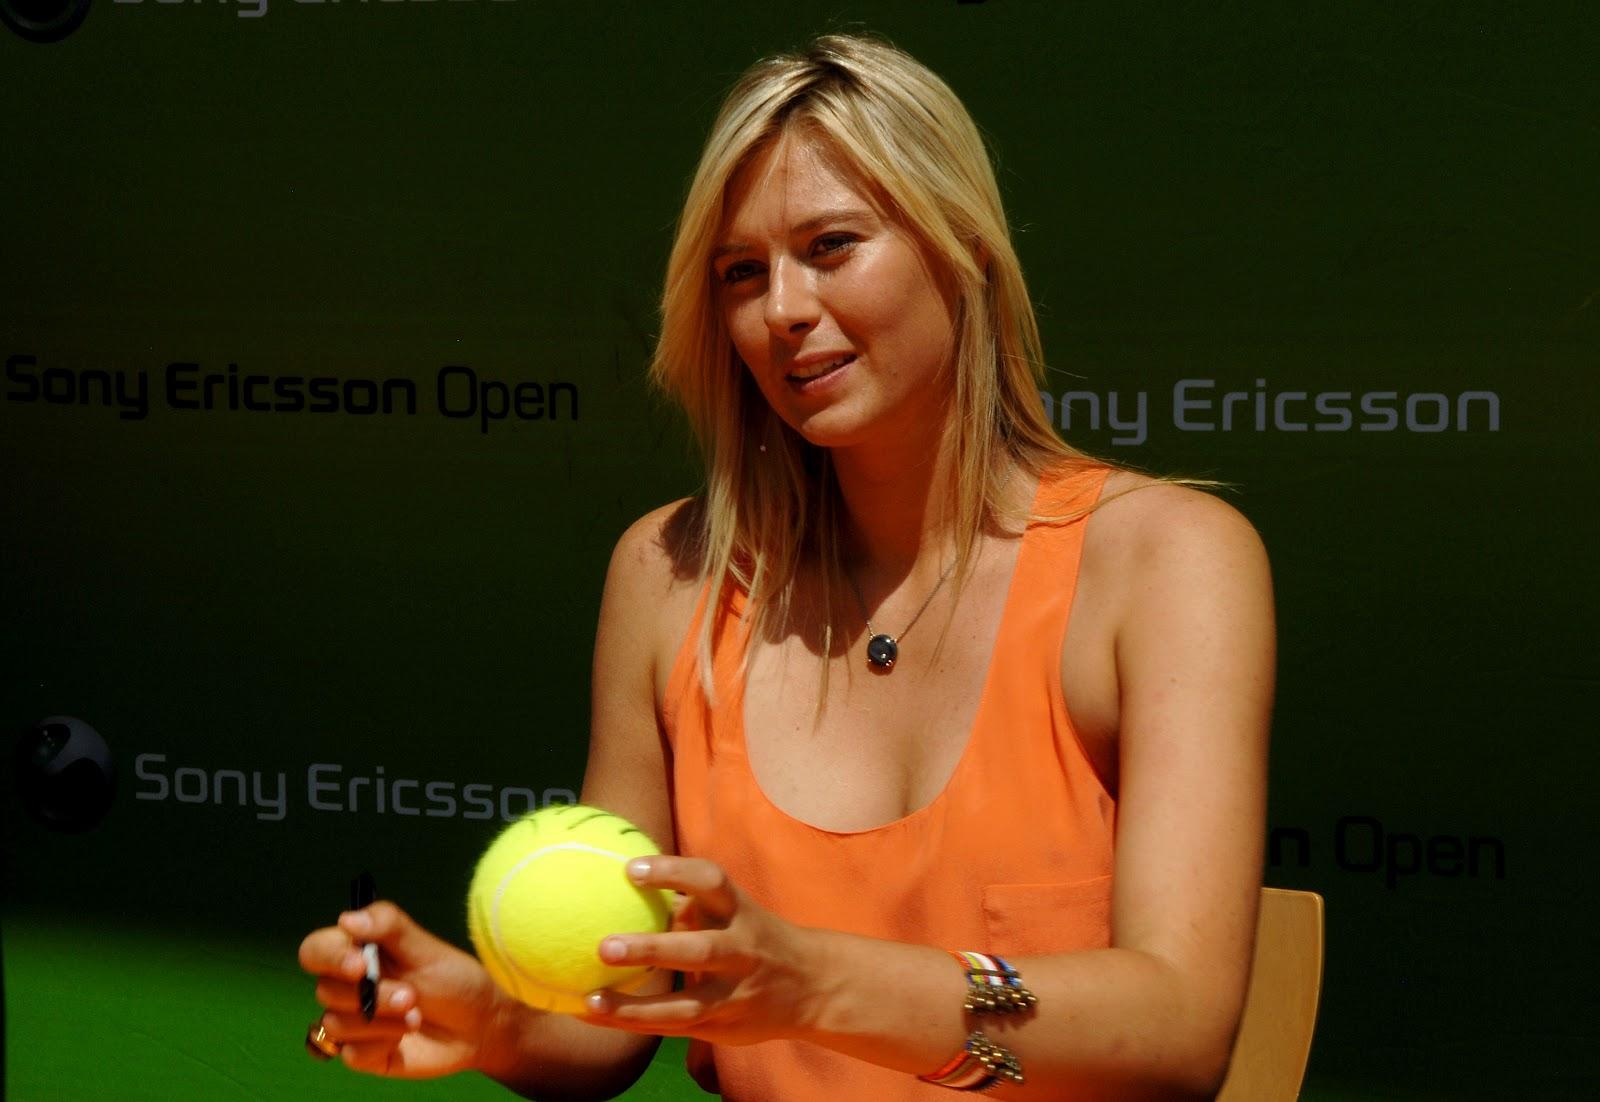 http://4.bp.blogspot.com/-NlIaEBQhMx8/T52FP1_WqBI/AAAAAAAAAYo/meeC6FW5YcI/s1600/Maria+Sharapova.jpg